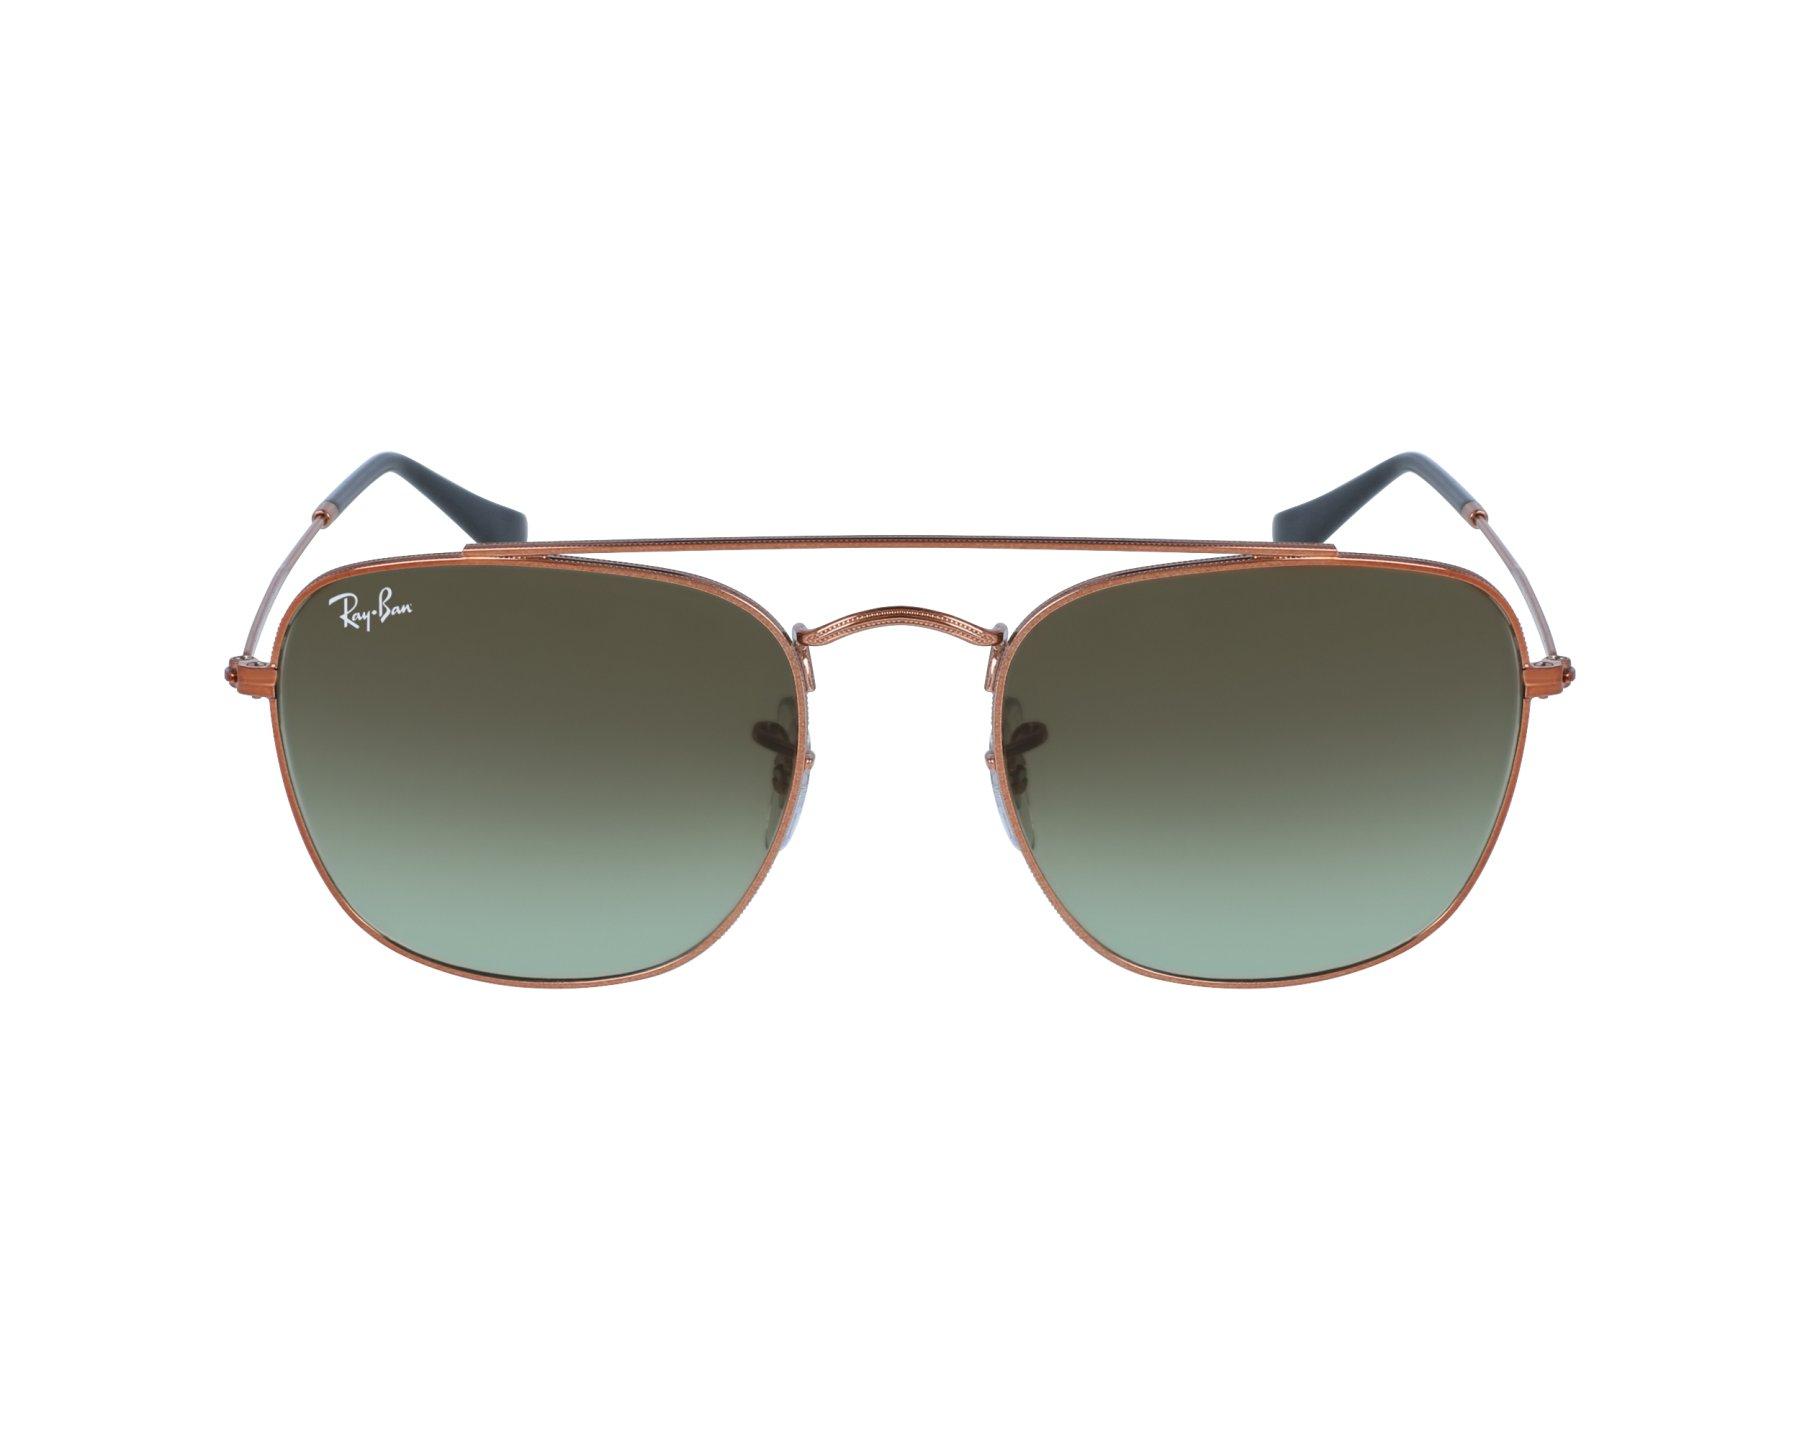 lunettes de soleil ray ban rb 3557 9002 a6 marron avec des verres marron pour mixte. Black Bedroom Furniture Sets. Home Design Ideas